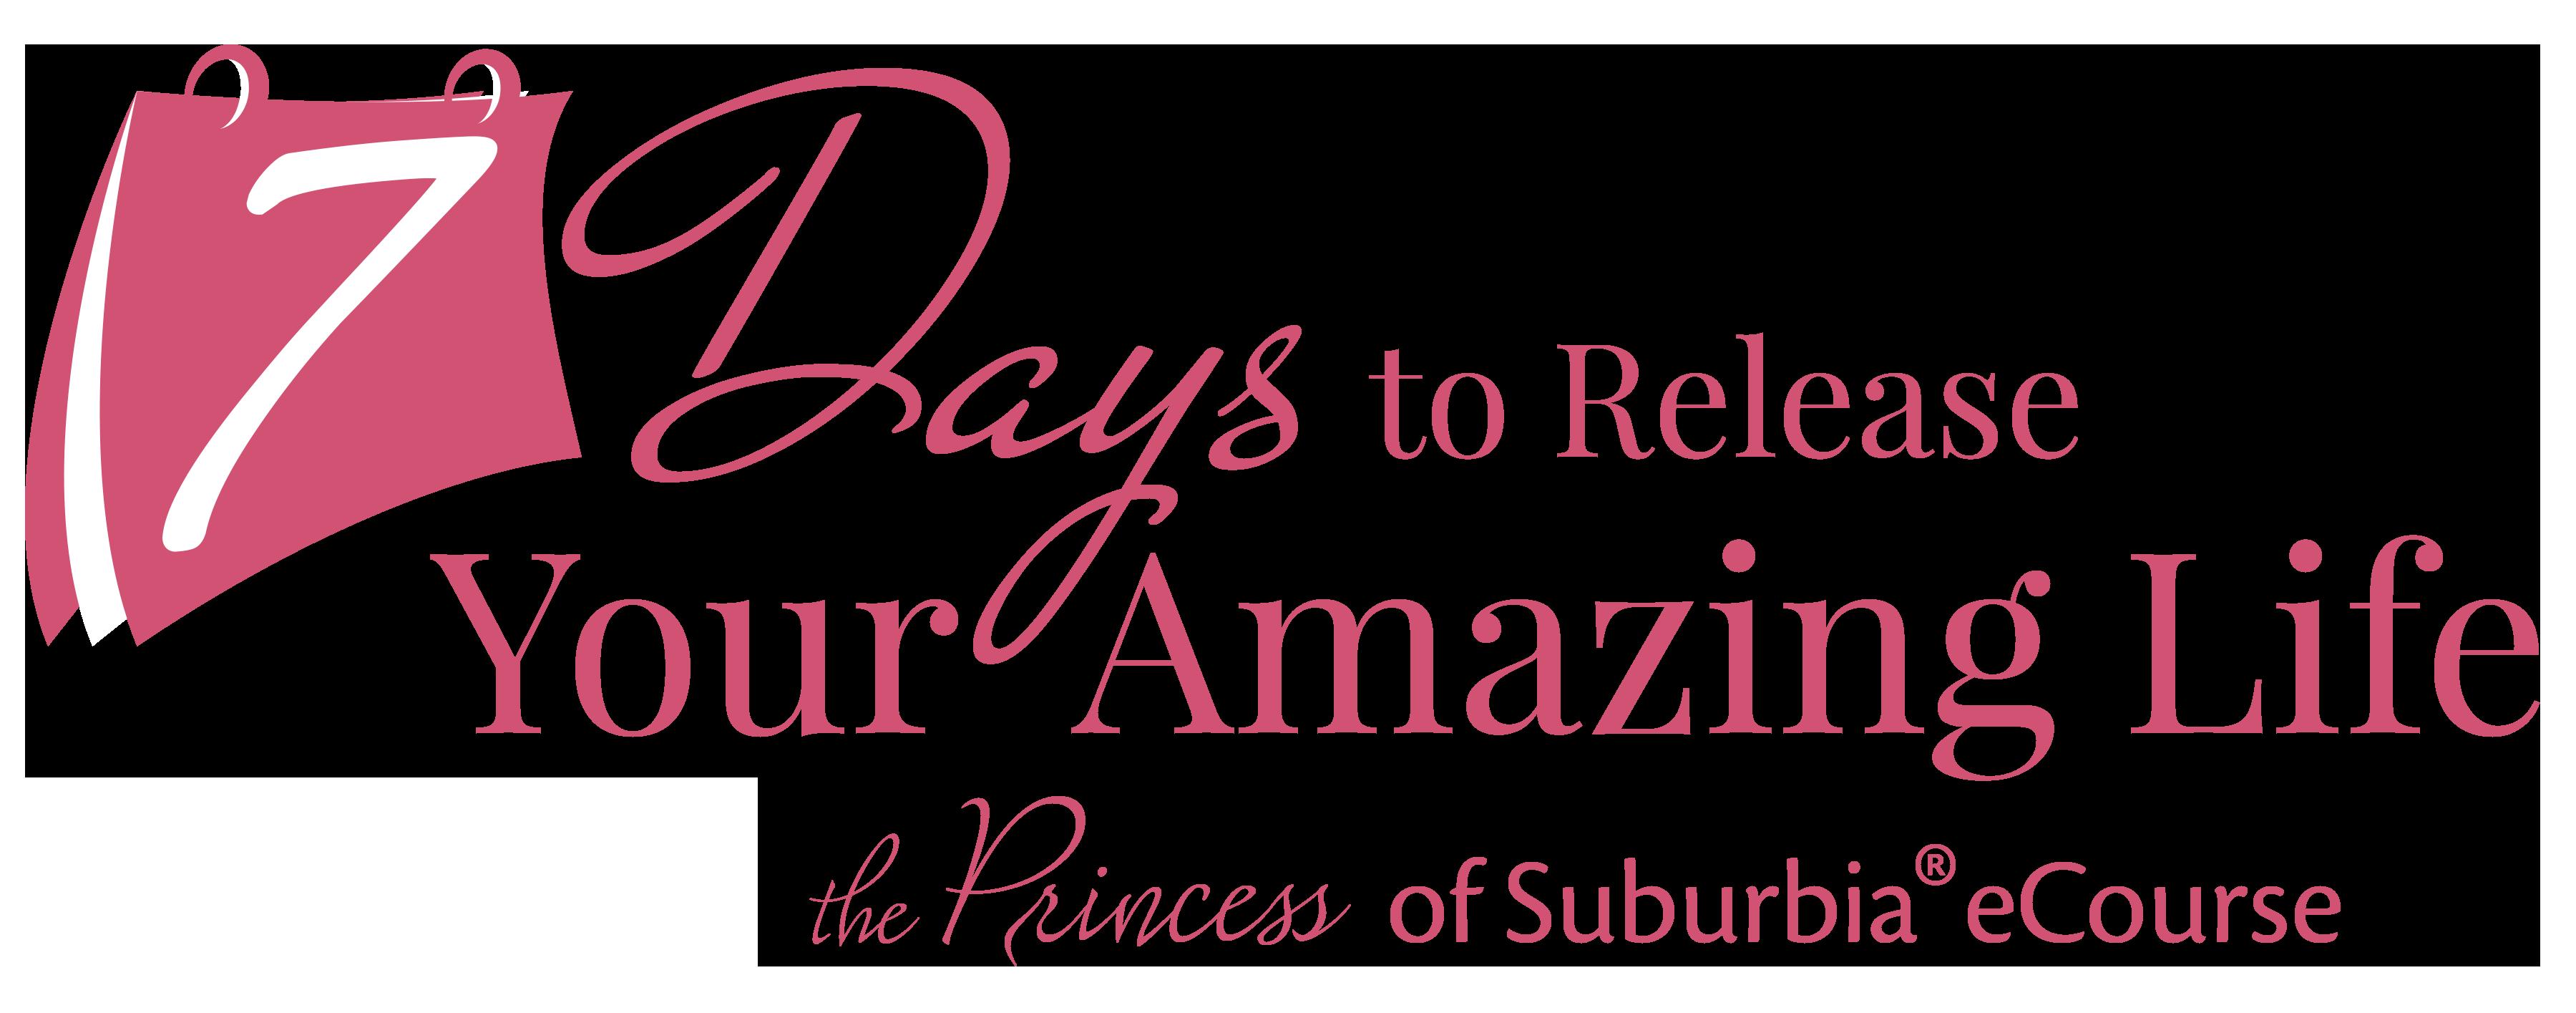 7days-logo-large-pink (6)